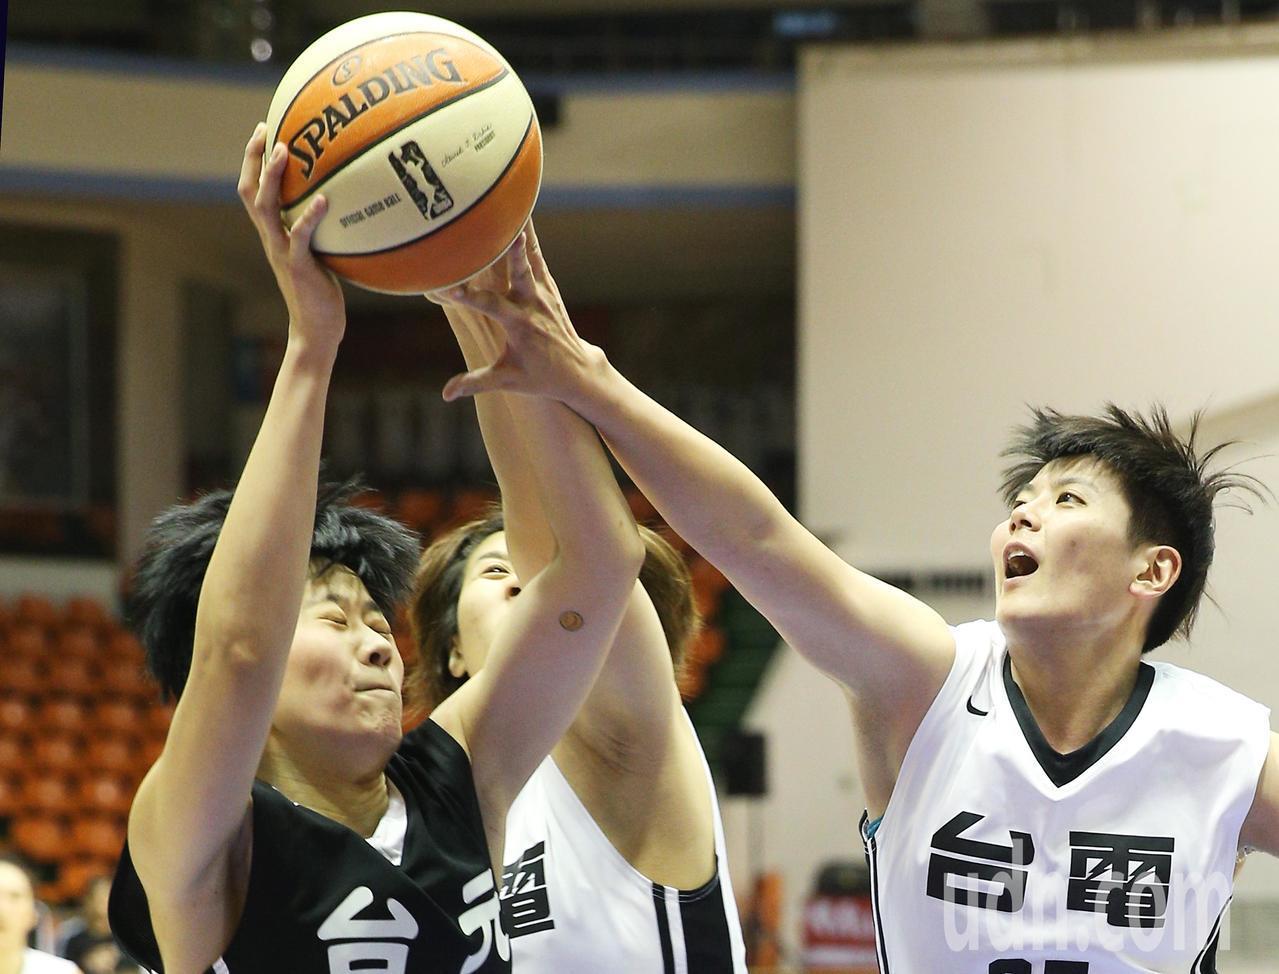 台元對台電,台元吳盈潔(左)與台電辛宜芝(右)拚搶籃板球激烈。記者陳正興/攝影